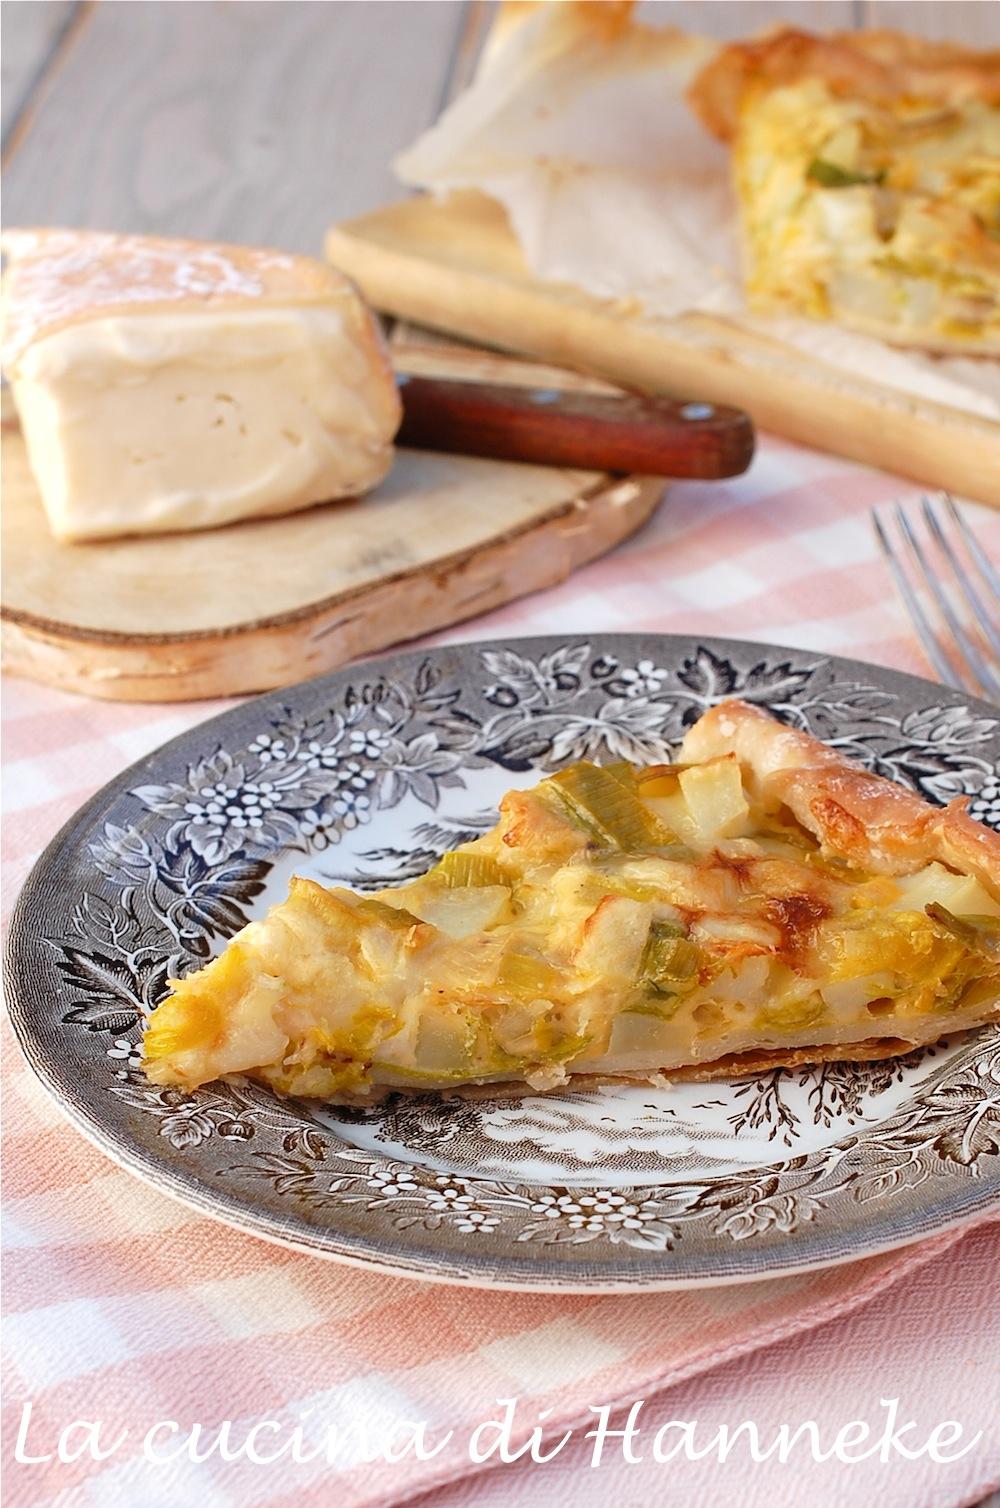 Ricette torte salate pasta sfoglia con porri ricette for Torte salate con pasta sfoglia